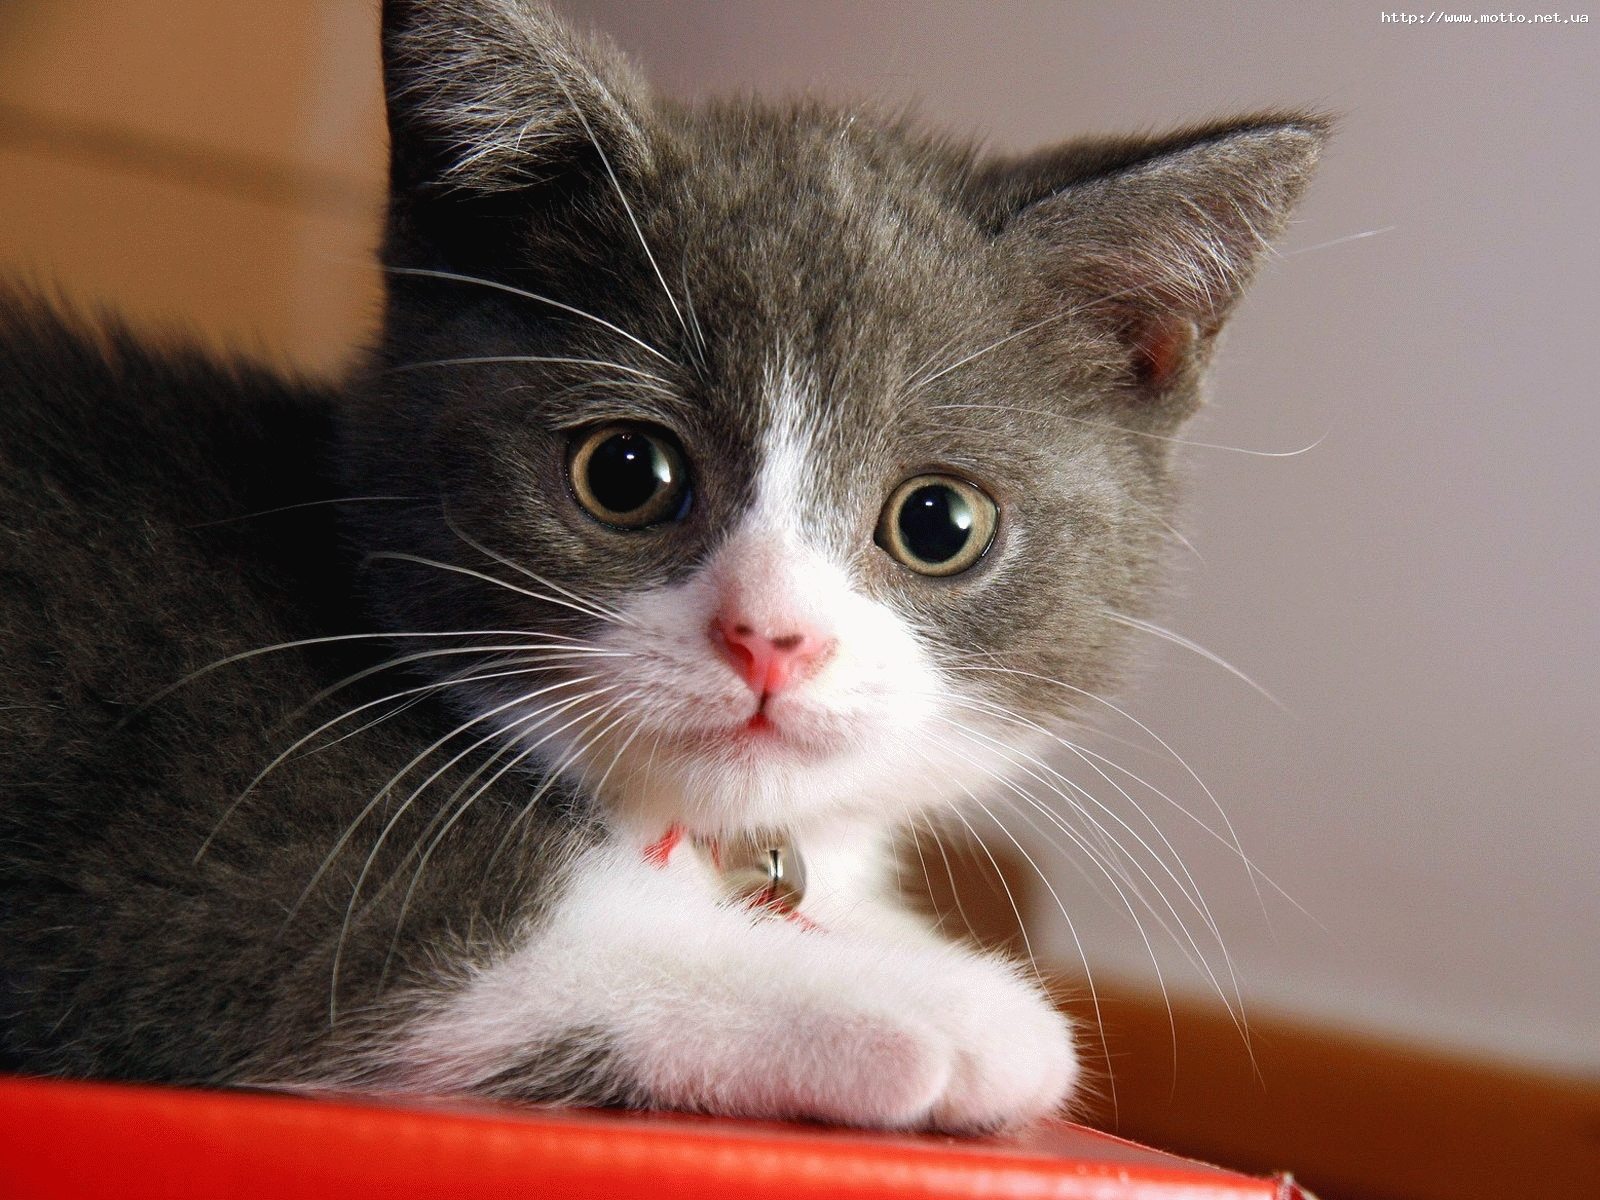 988 Заставки и Обои Кошки (Коты, Котики) на телефон. Скачать Кошки (Коты, Котики), Животные картинки бесплатно